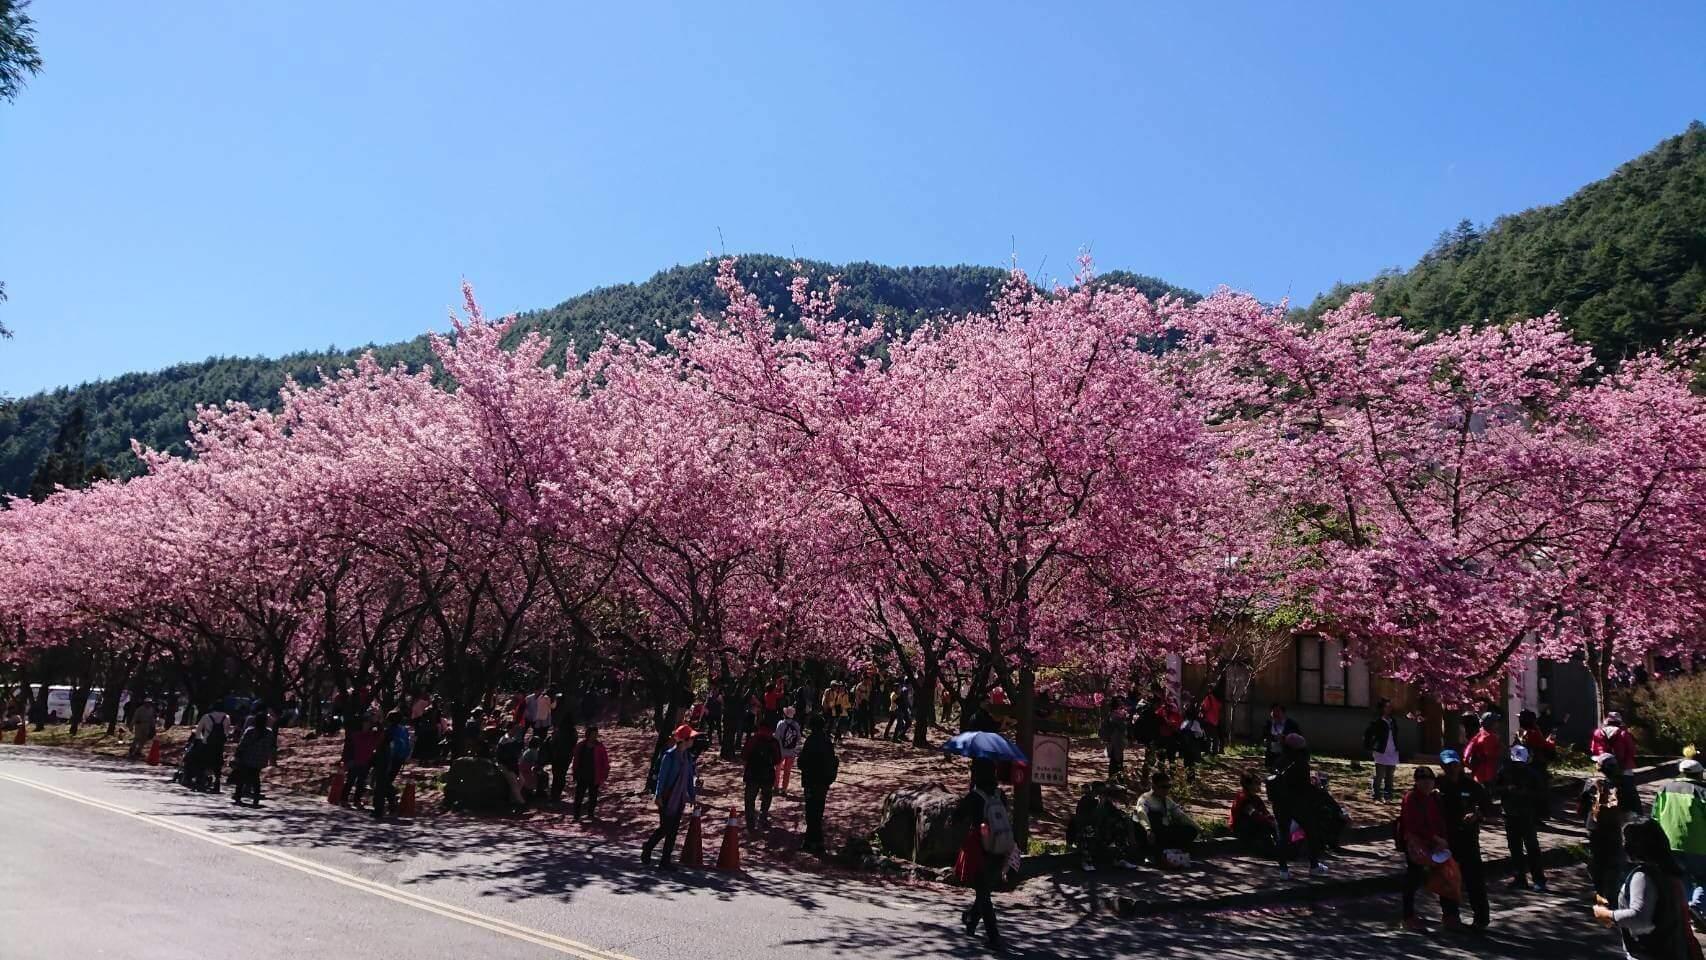 【台中遊記】武陵農場–飄落的櫻花與櫻色的武陵之旅